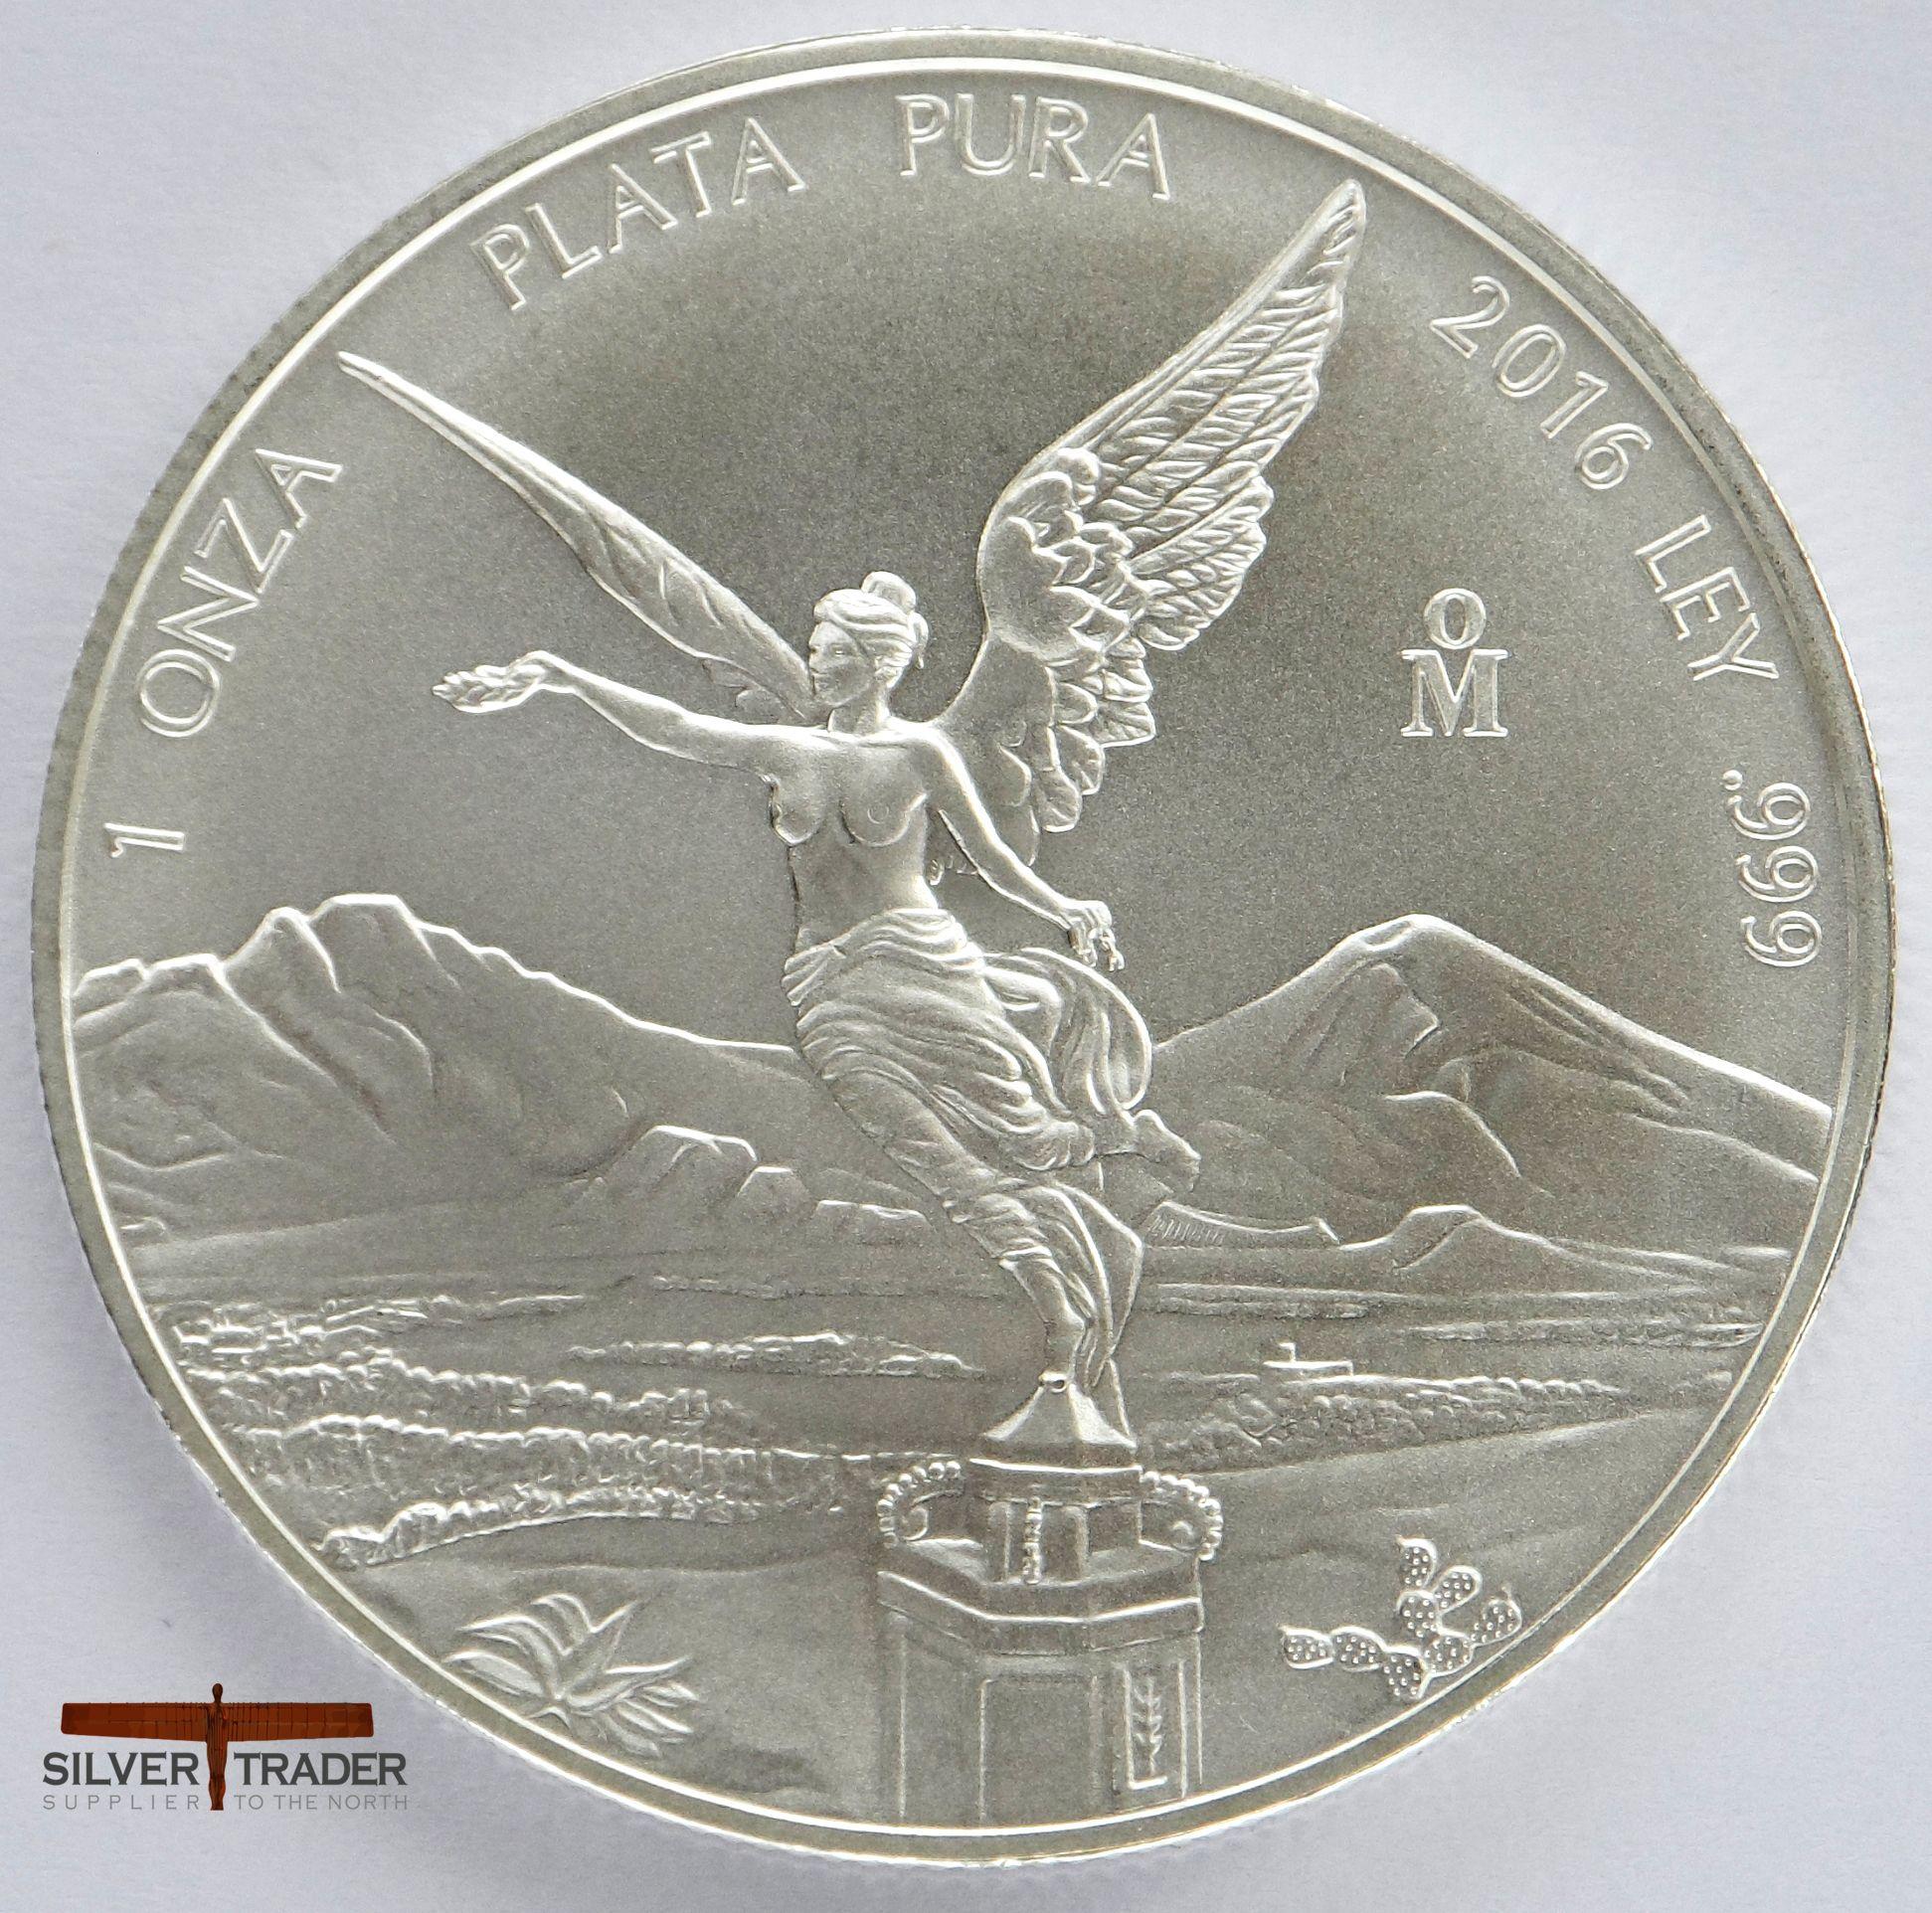 2016 Mexican Libertad 1 Oz 999 Silver Bullion Coin Silver Bullion Coins Silver Bullion Bullion Coins